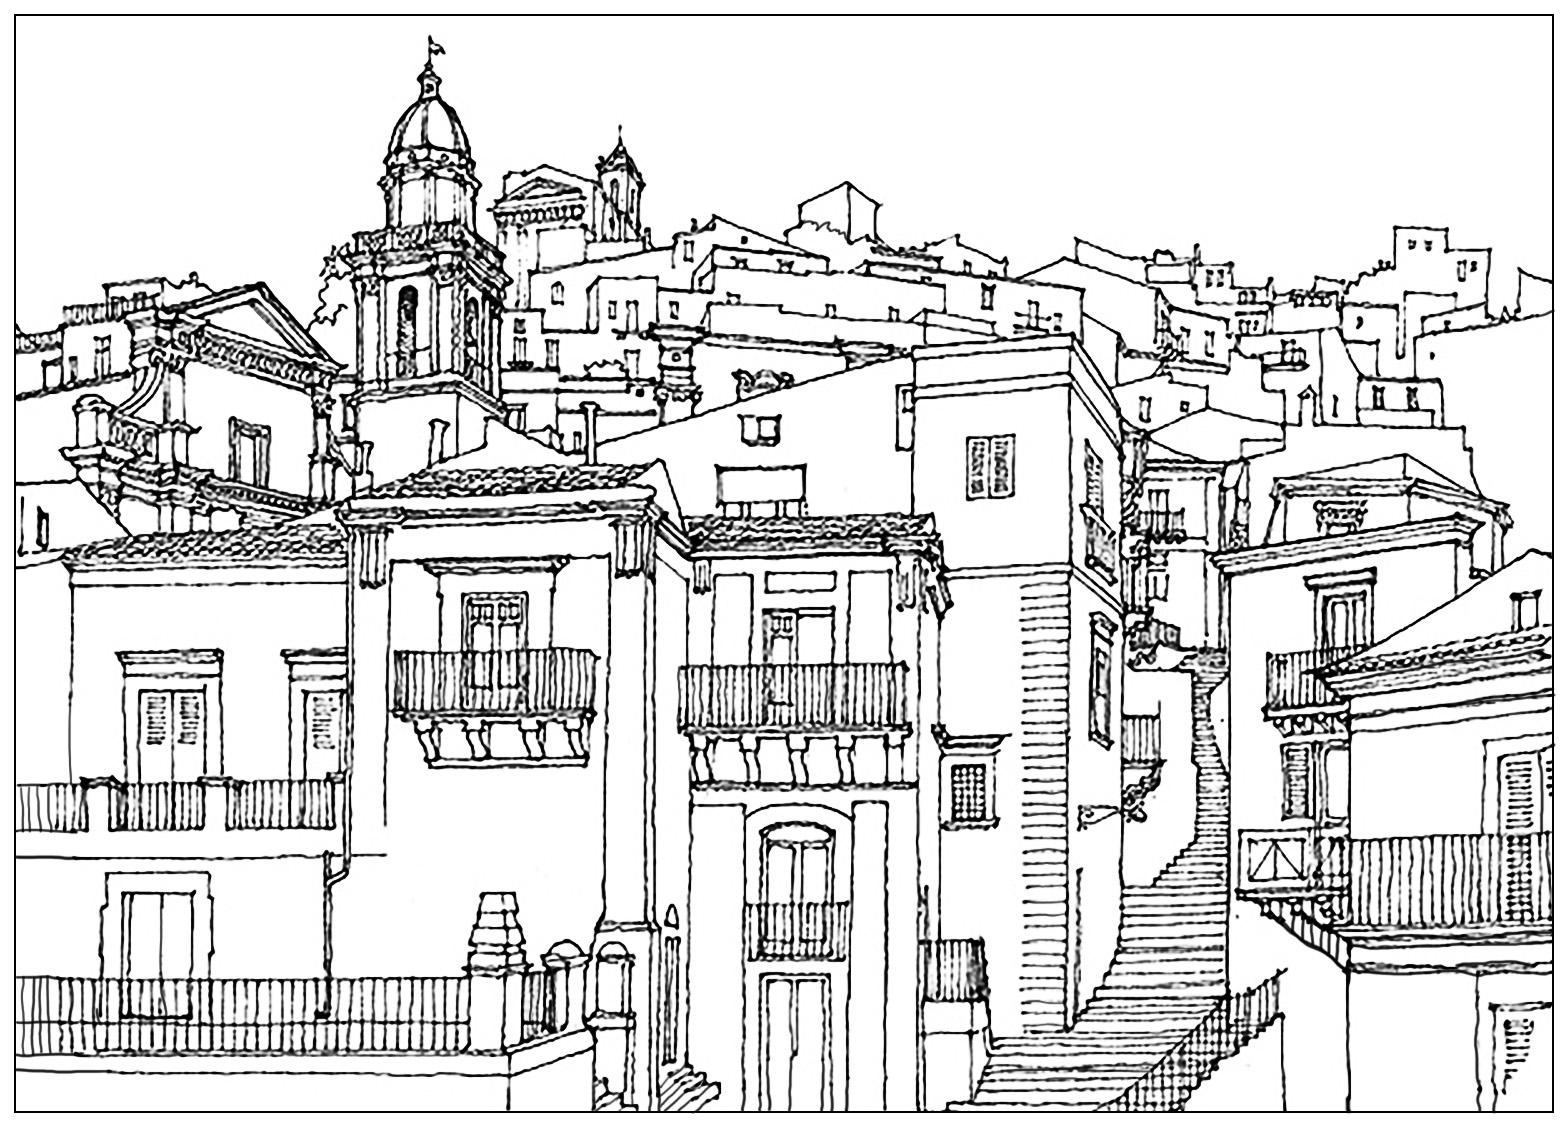 Architettura casa 36535 architettura casa disegni da - Disegni per casa ...